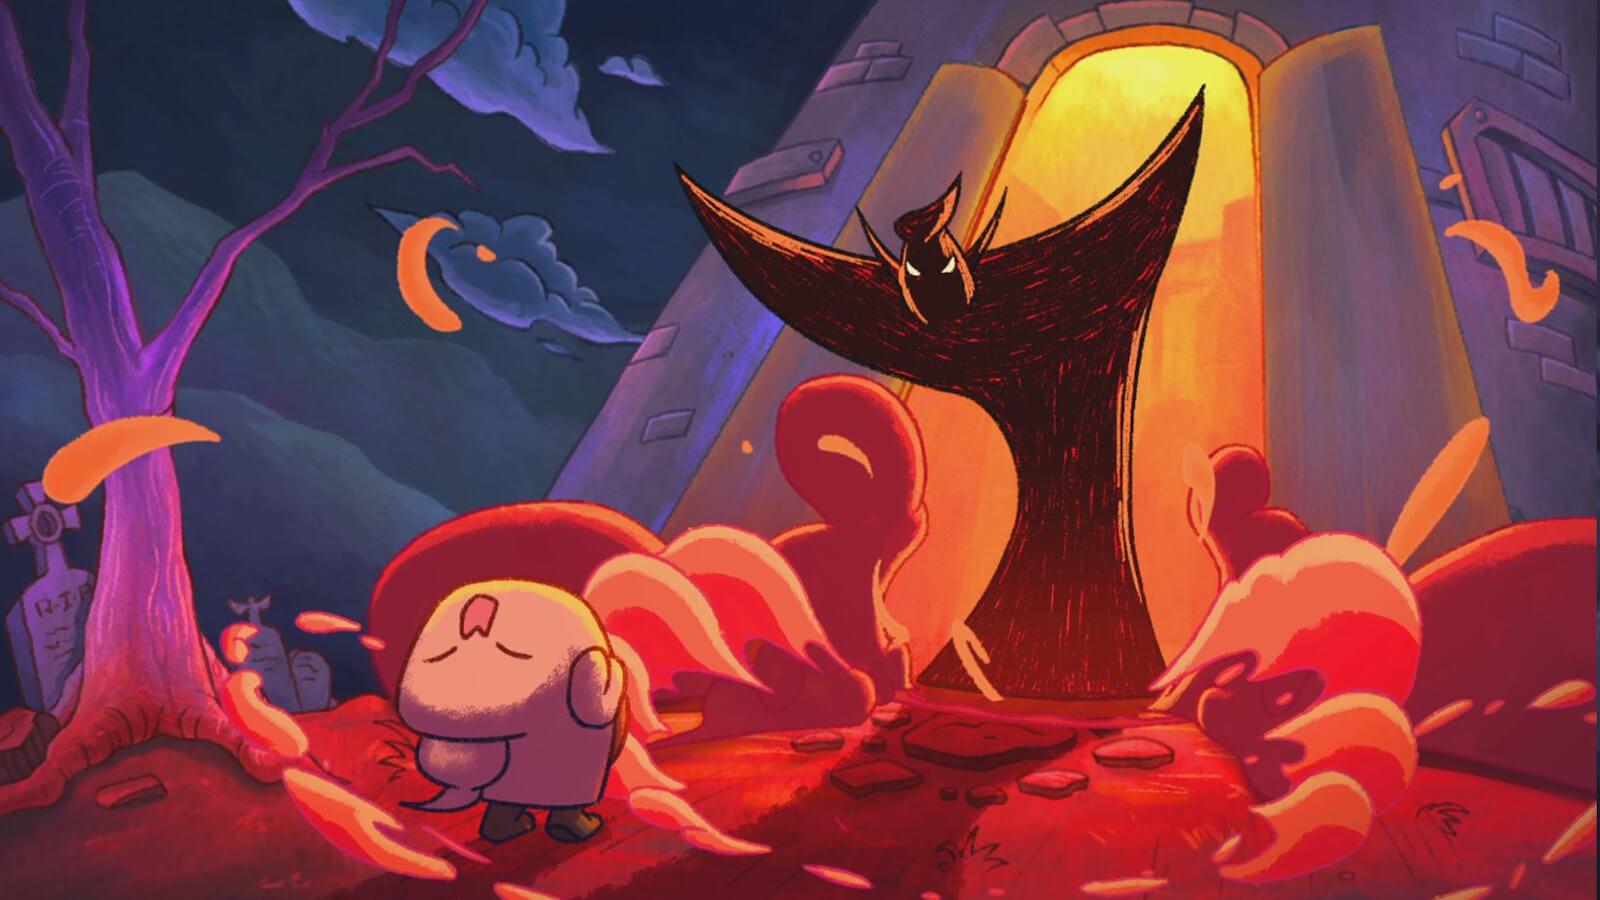 Dark creature opens a tower door